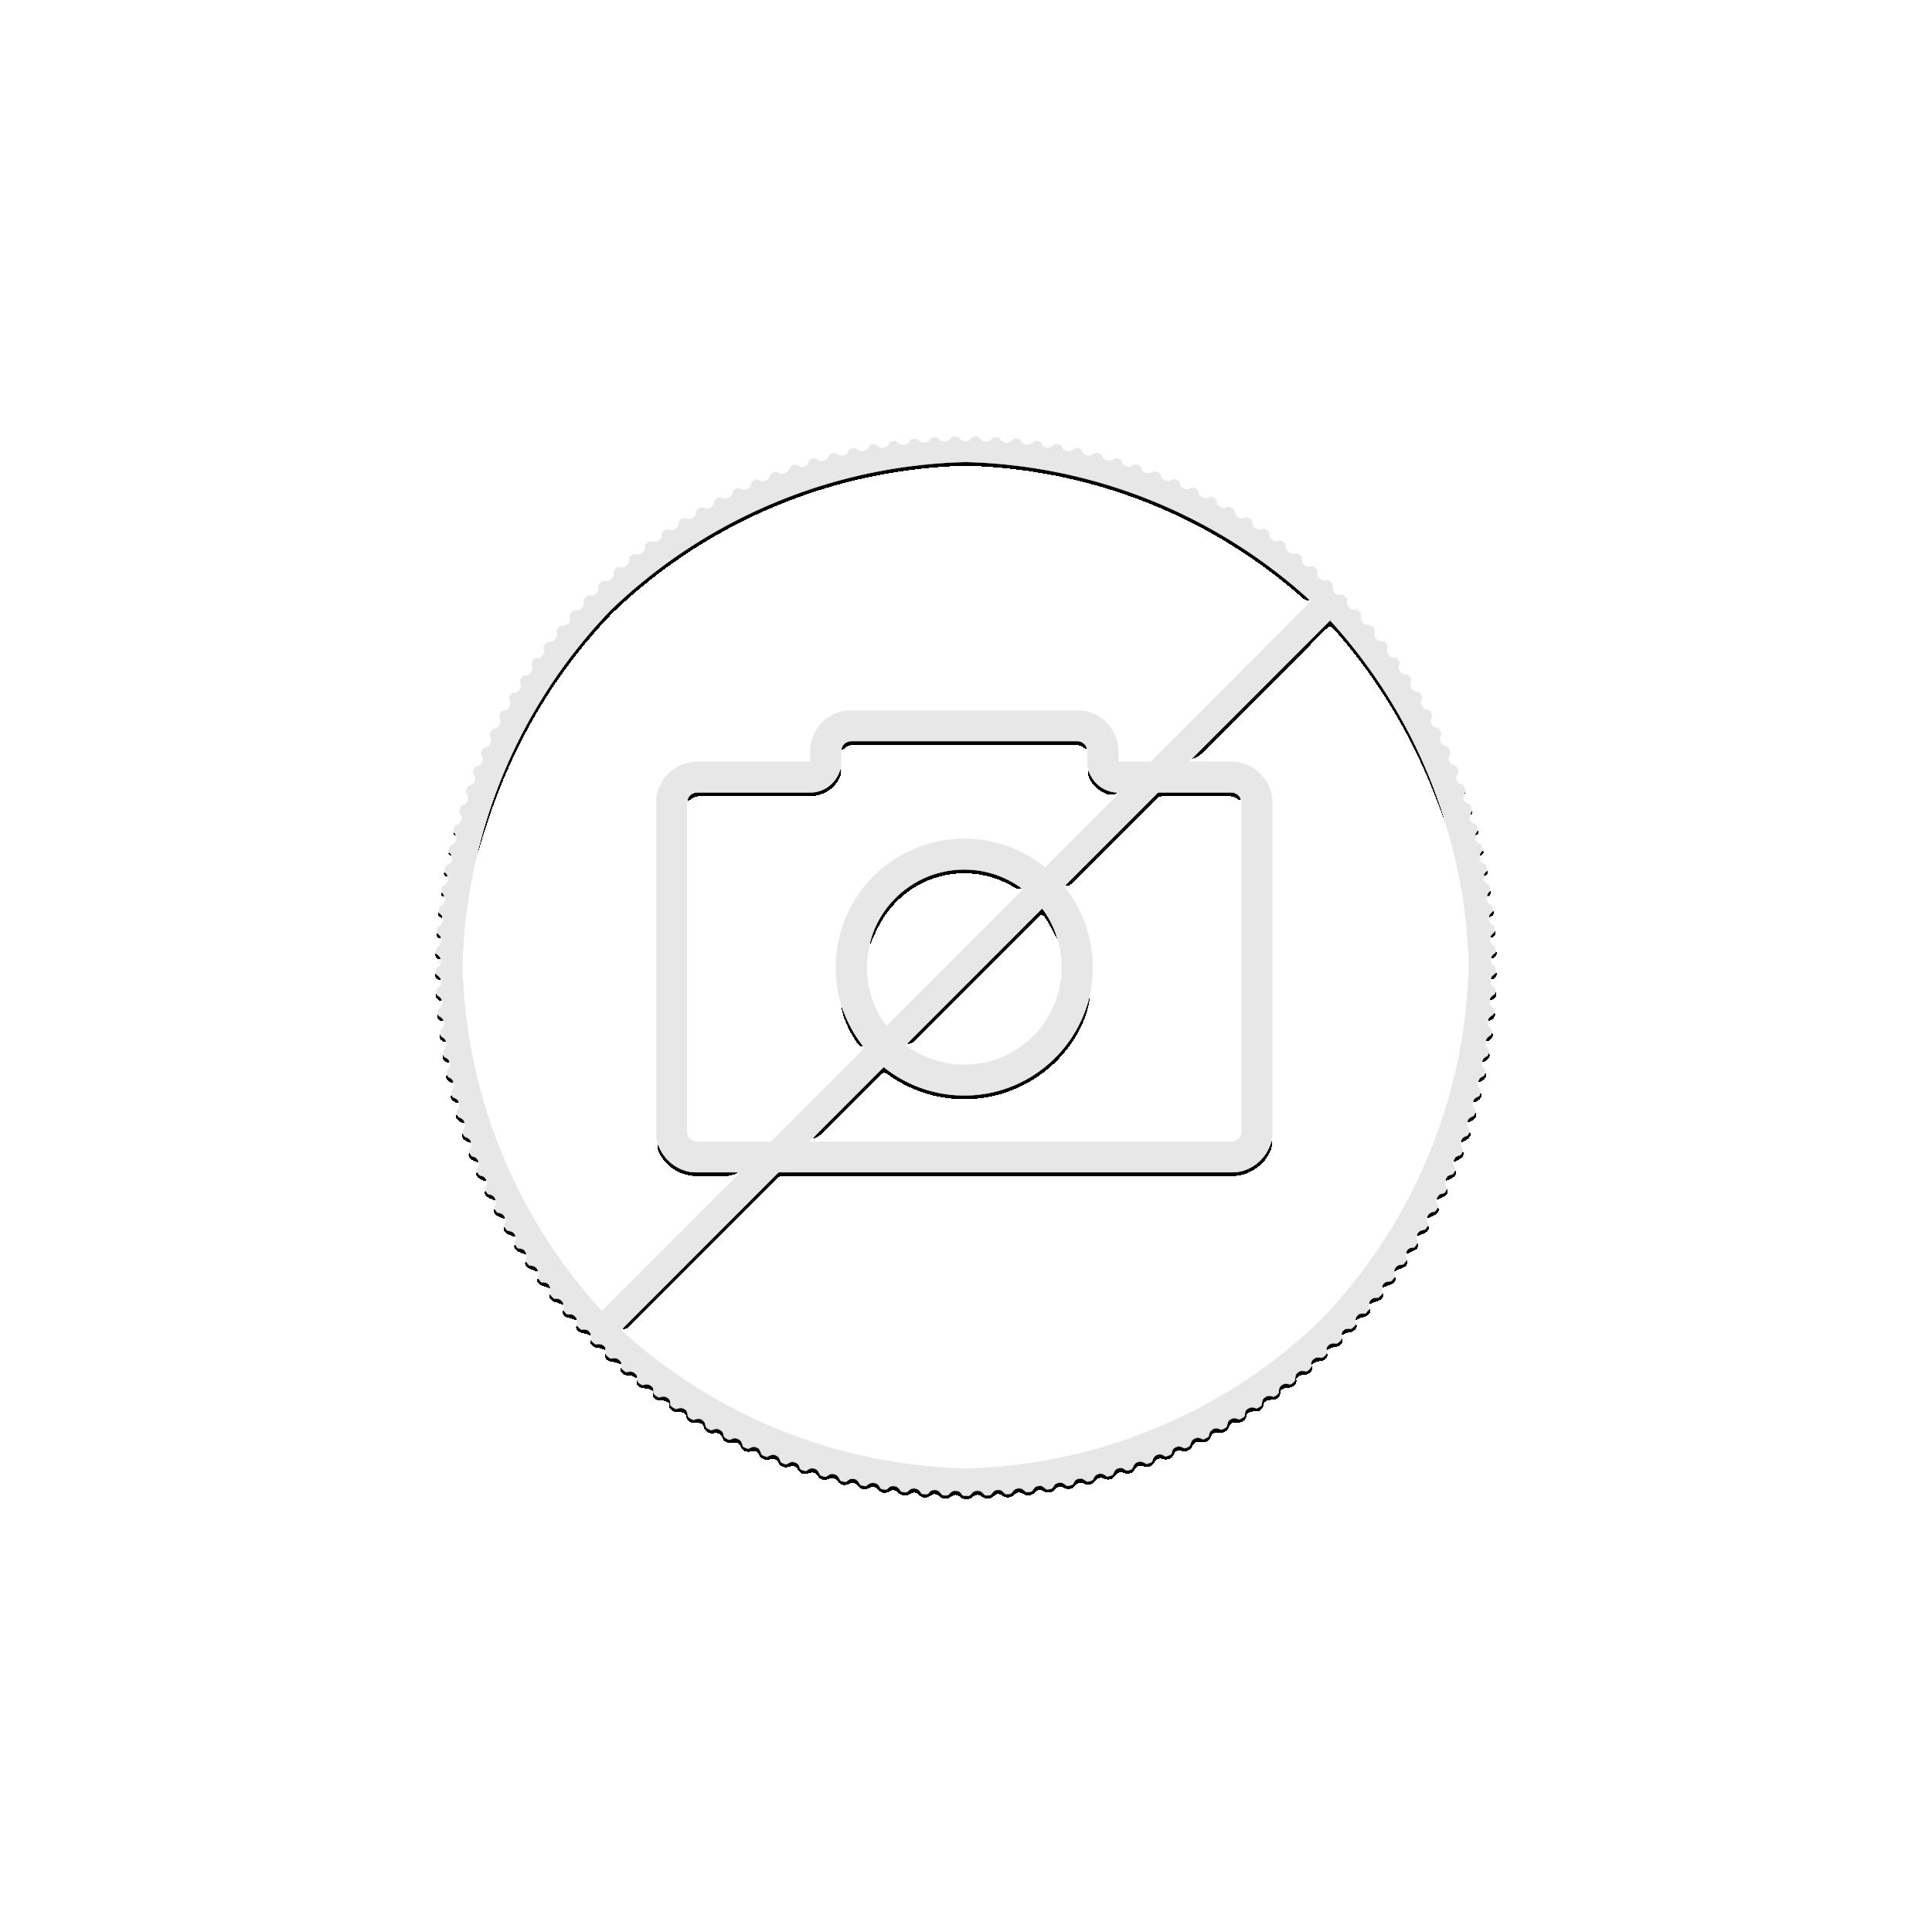 5 Troy ounce zilveren munt Columbia 2019 zijkant